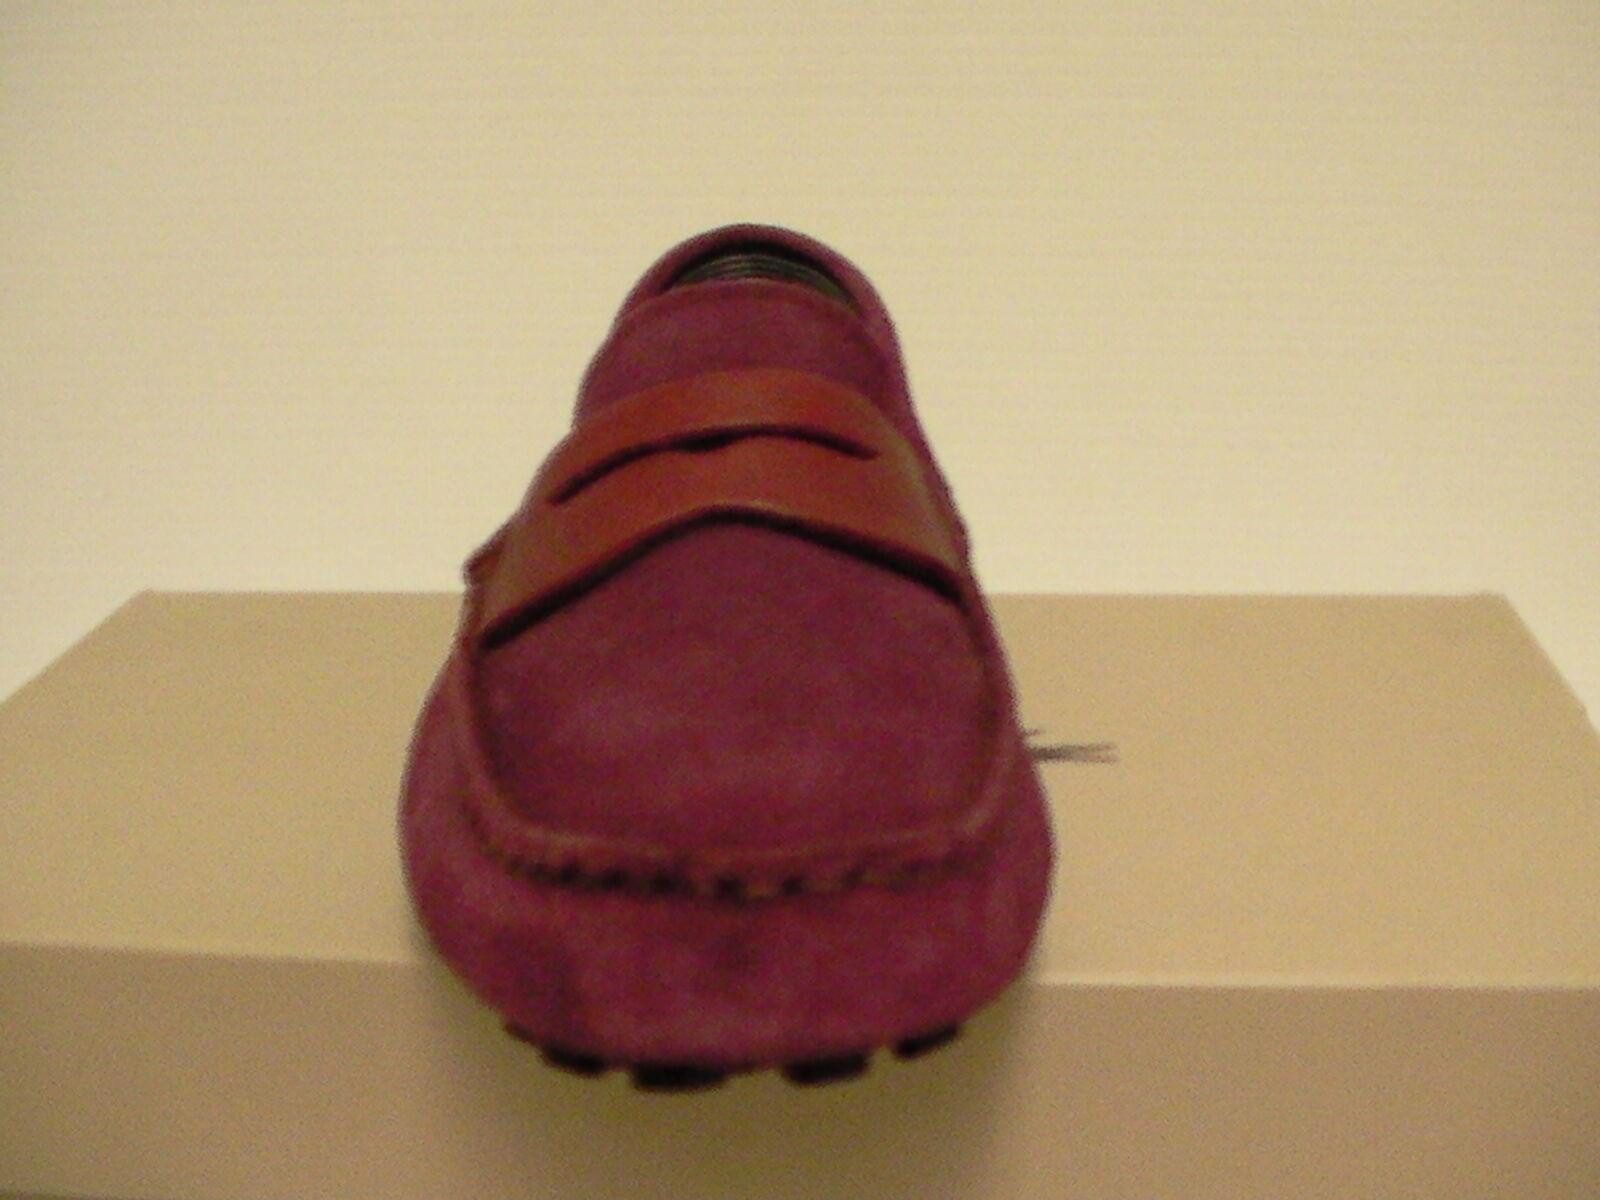 Lacoste men casual casual casual scarpe slip on dark rosso Dimensione 9 us new with box 0969d2